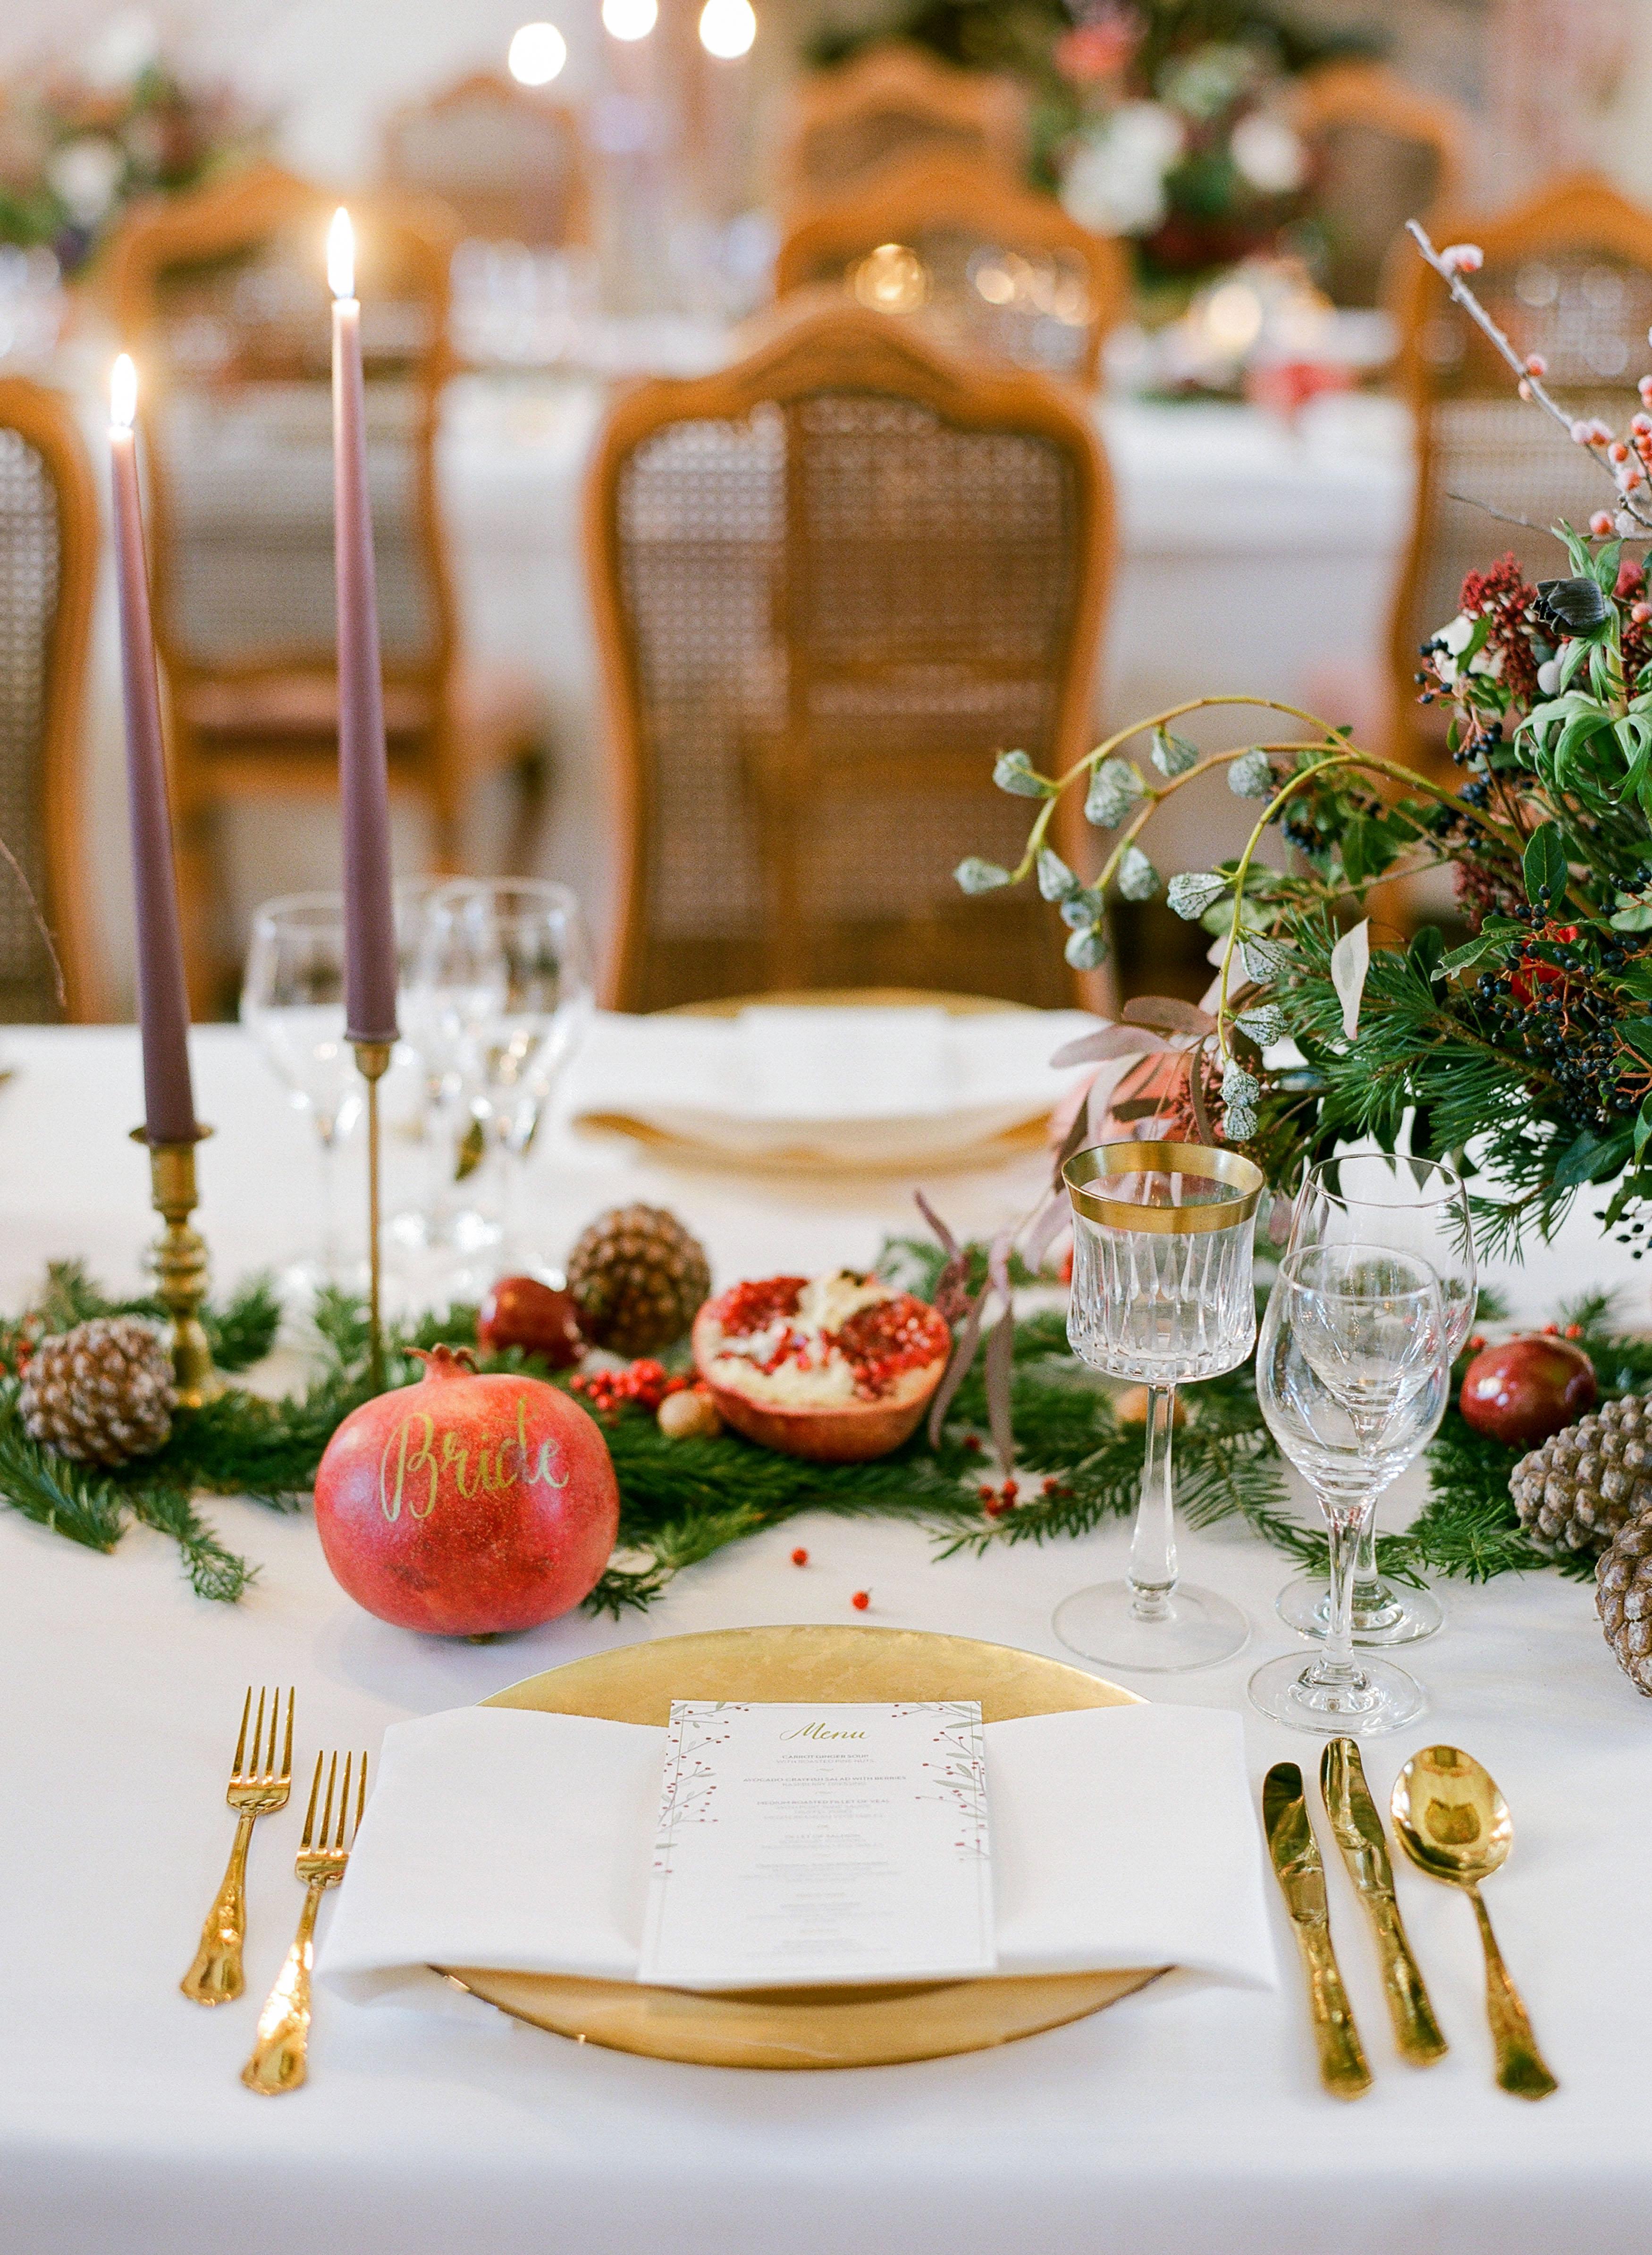 winter wedding centerpieces greg finck